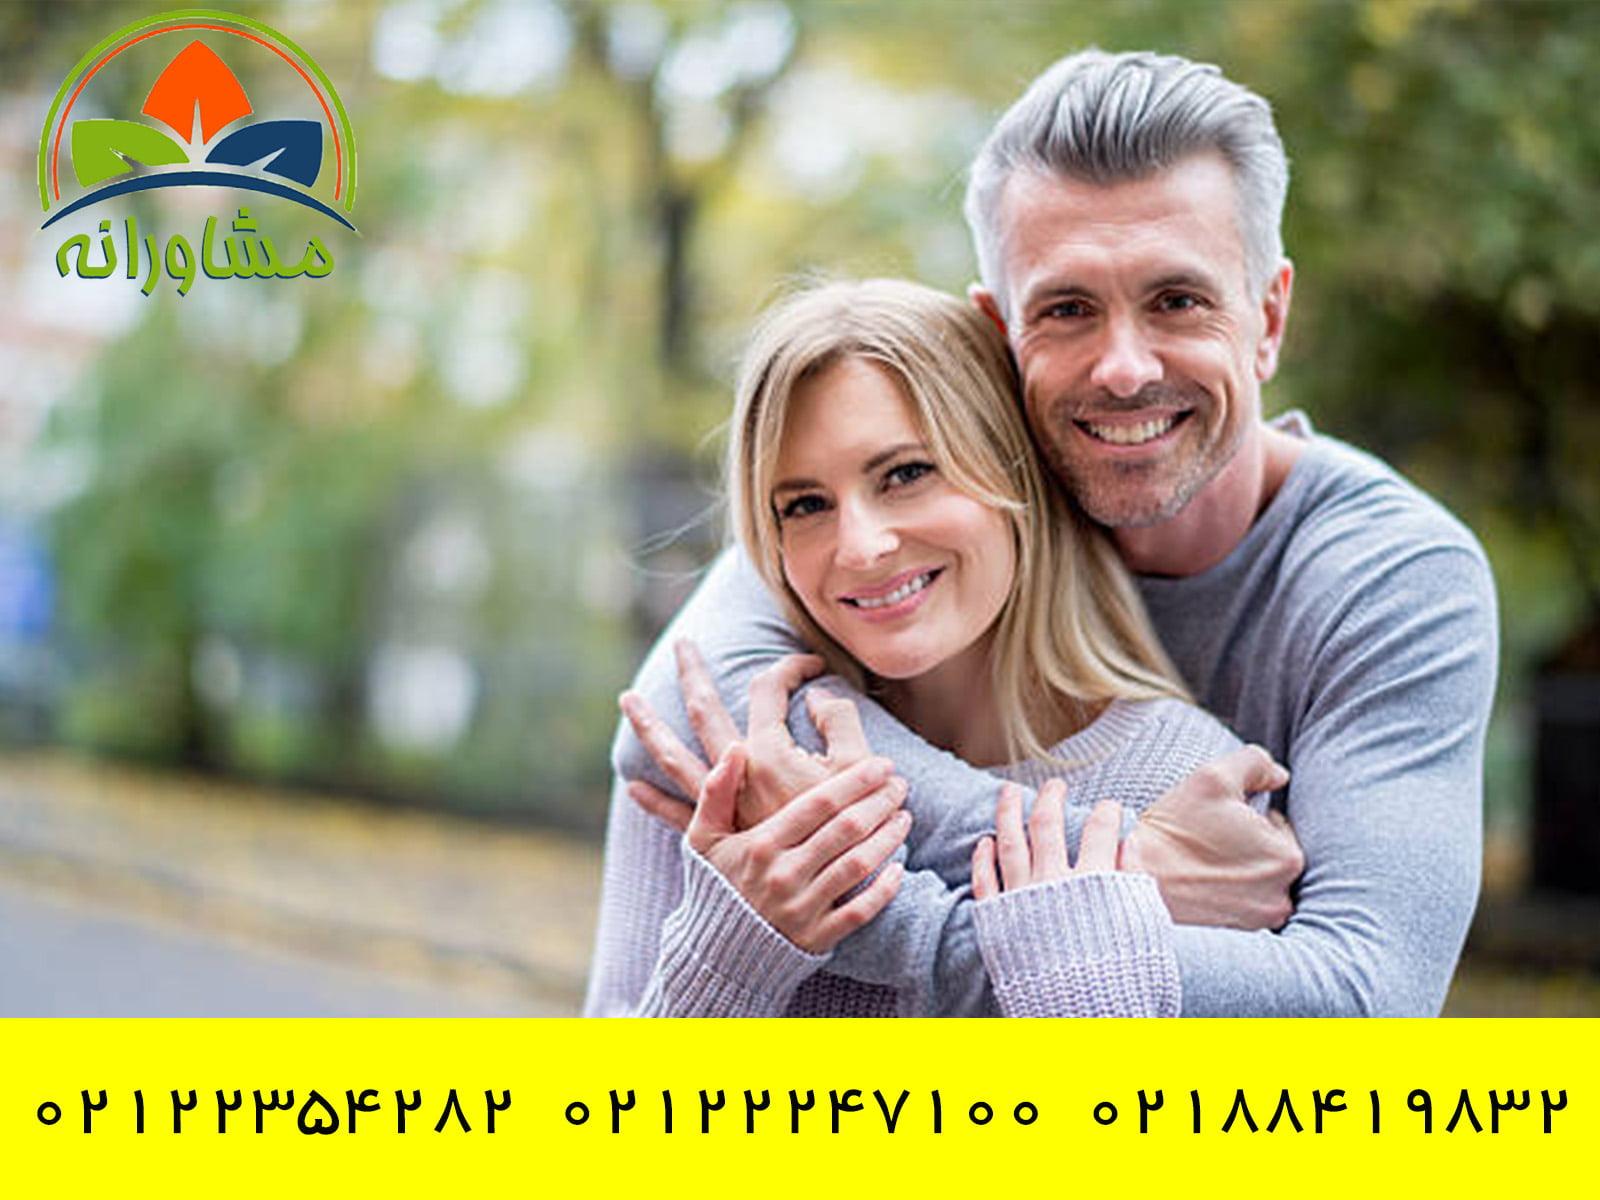 شریک زندگی خود را با دقت انتخاب کنید معیار ازدواج مجدد